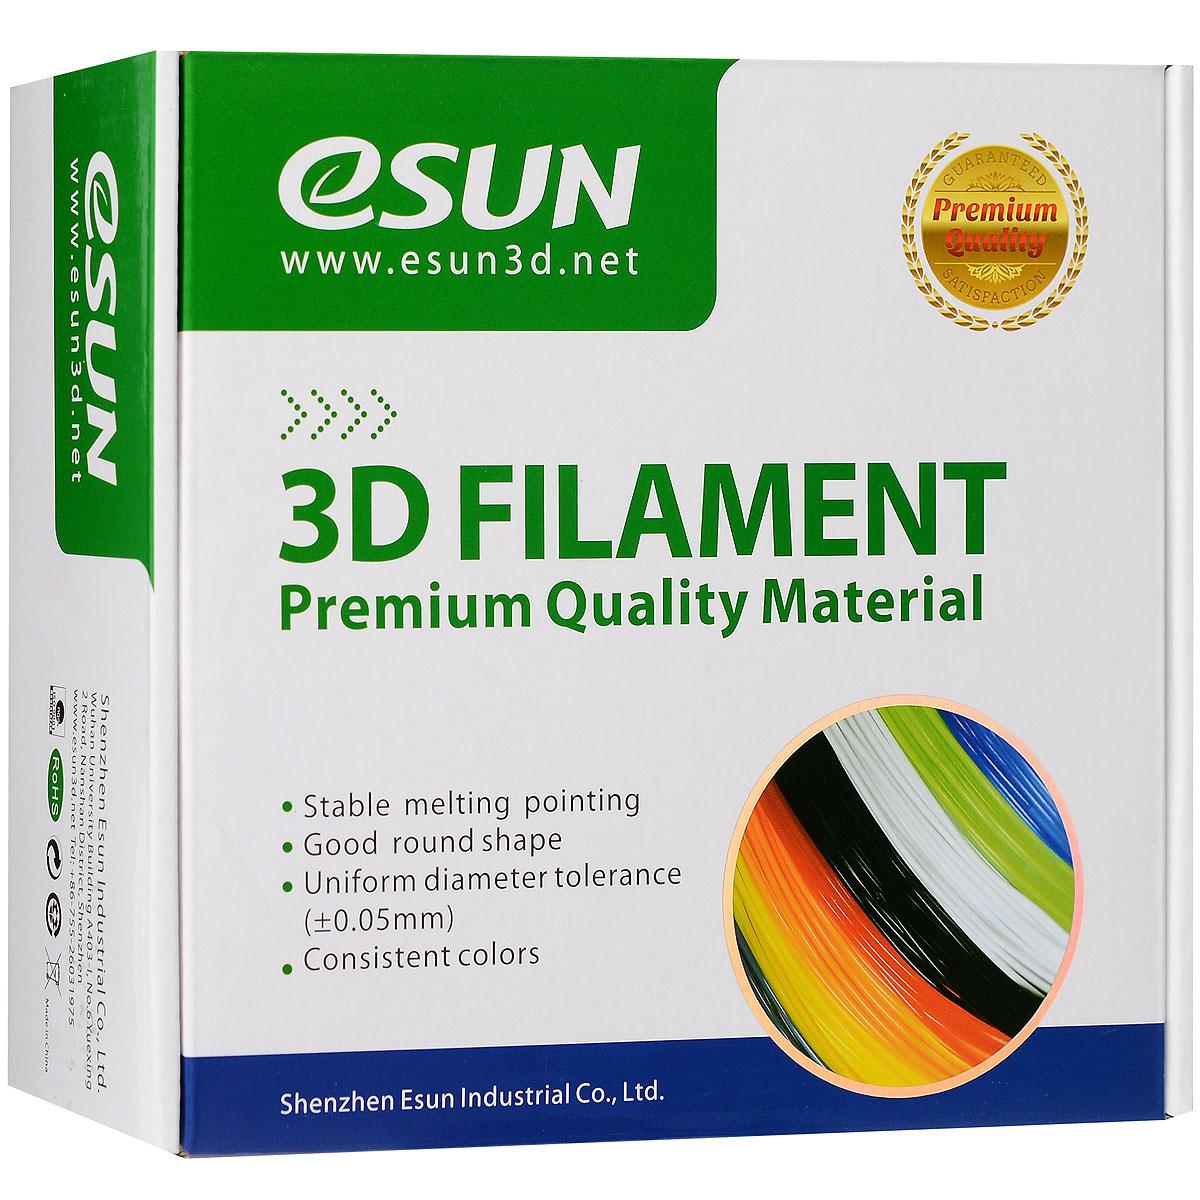 ESUN пластик PLA в катушке, Green, 1,75 ммPLA175G1Пластик PLA от ESUN долговечный и очень прочный полимер, ударопрочный, эластичный и стойкий к моющим средствам и щелочам. Один из лучших материалов для печати на 3D принтере. Пластик не имеет запаха и не является токсичным. Температура плавления 190-220°C. PLA пластик для 3D-принтера применяется в деталях автомобилей, канцелярских изделиях, корпусах бытовой техники, мебели, сантехники, а также в производстве игрушек, сувениров, спортивного инвентаря, деталей оружия, медицинского оборудования и прочего. Диаметр нити: 1.75 мм